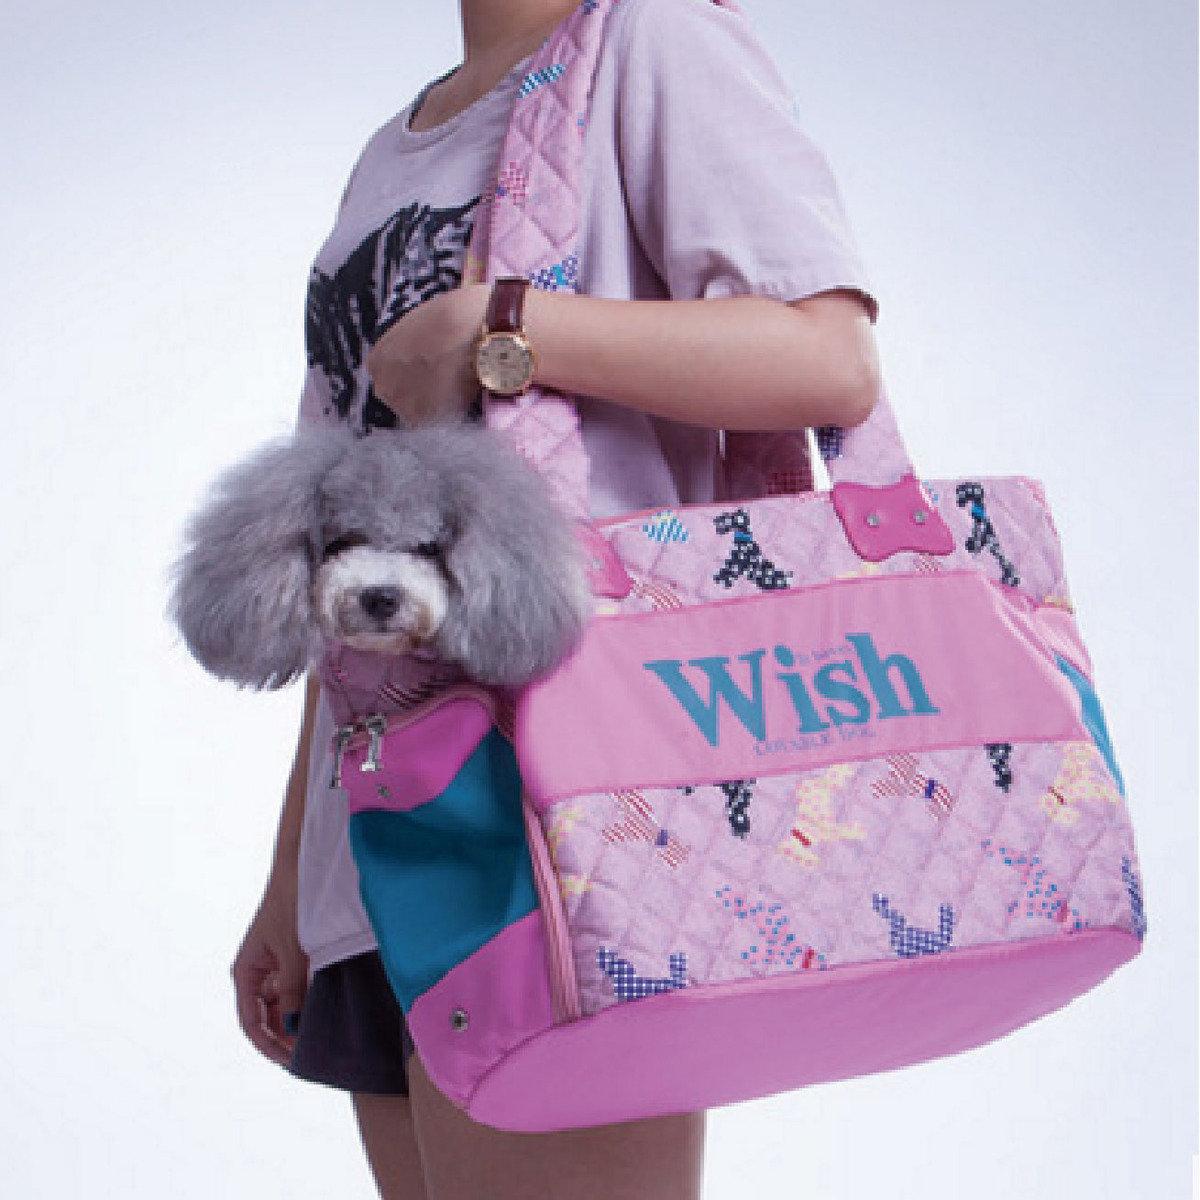 Wish系列粉紅色出街袋